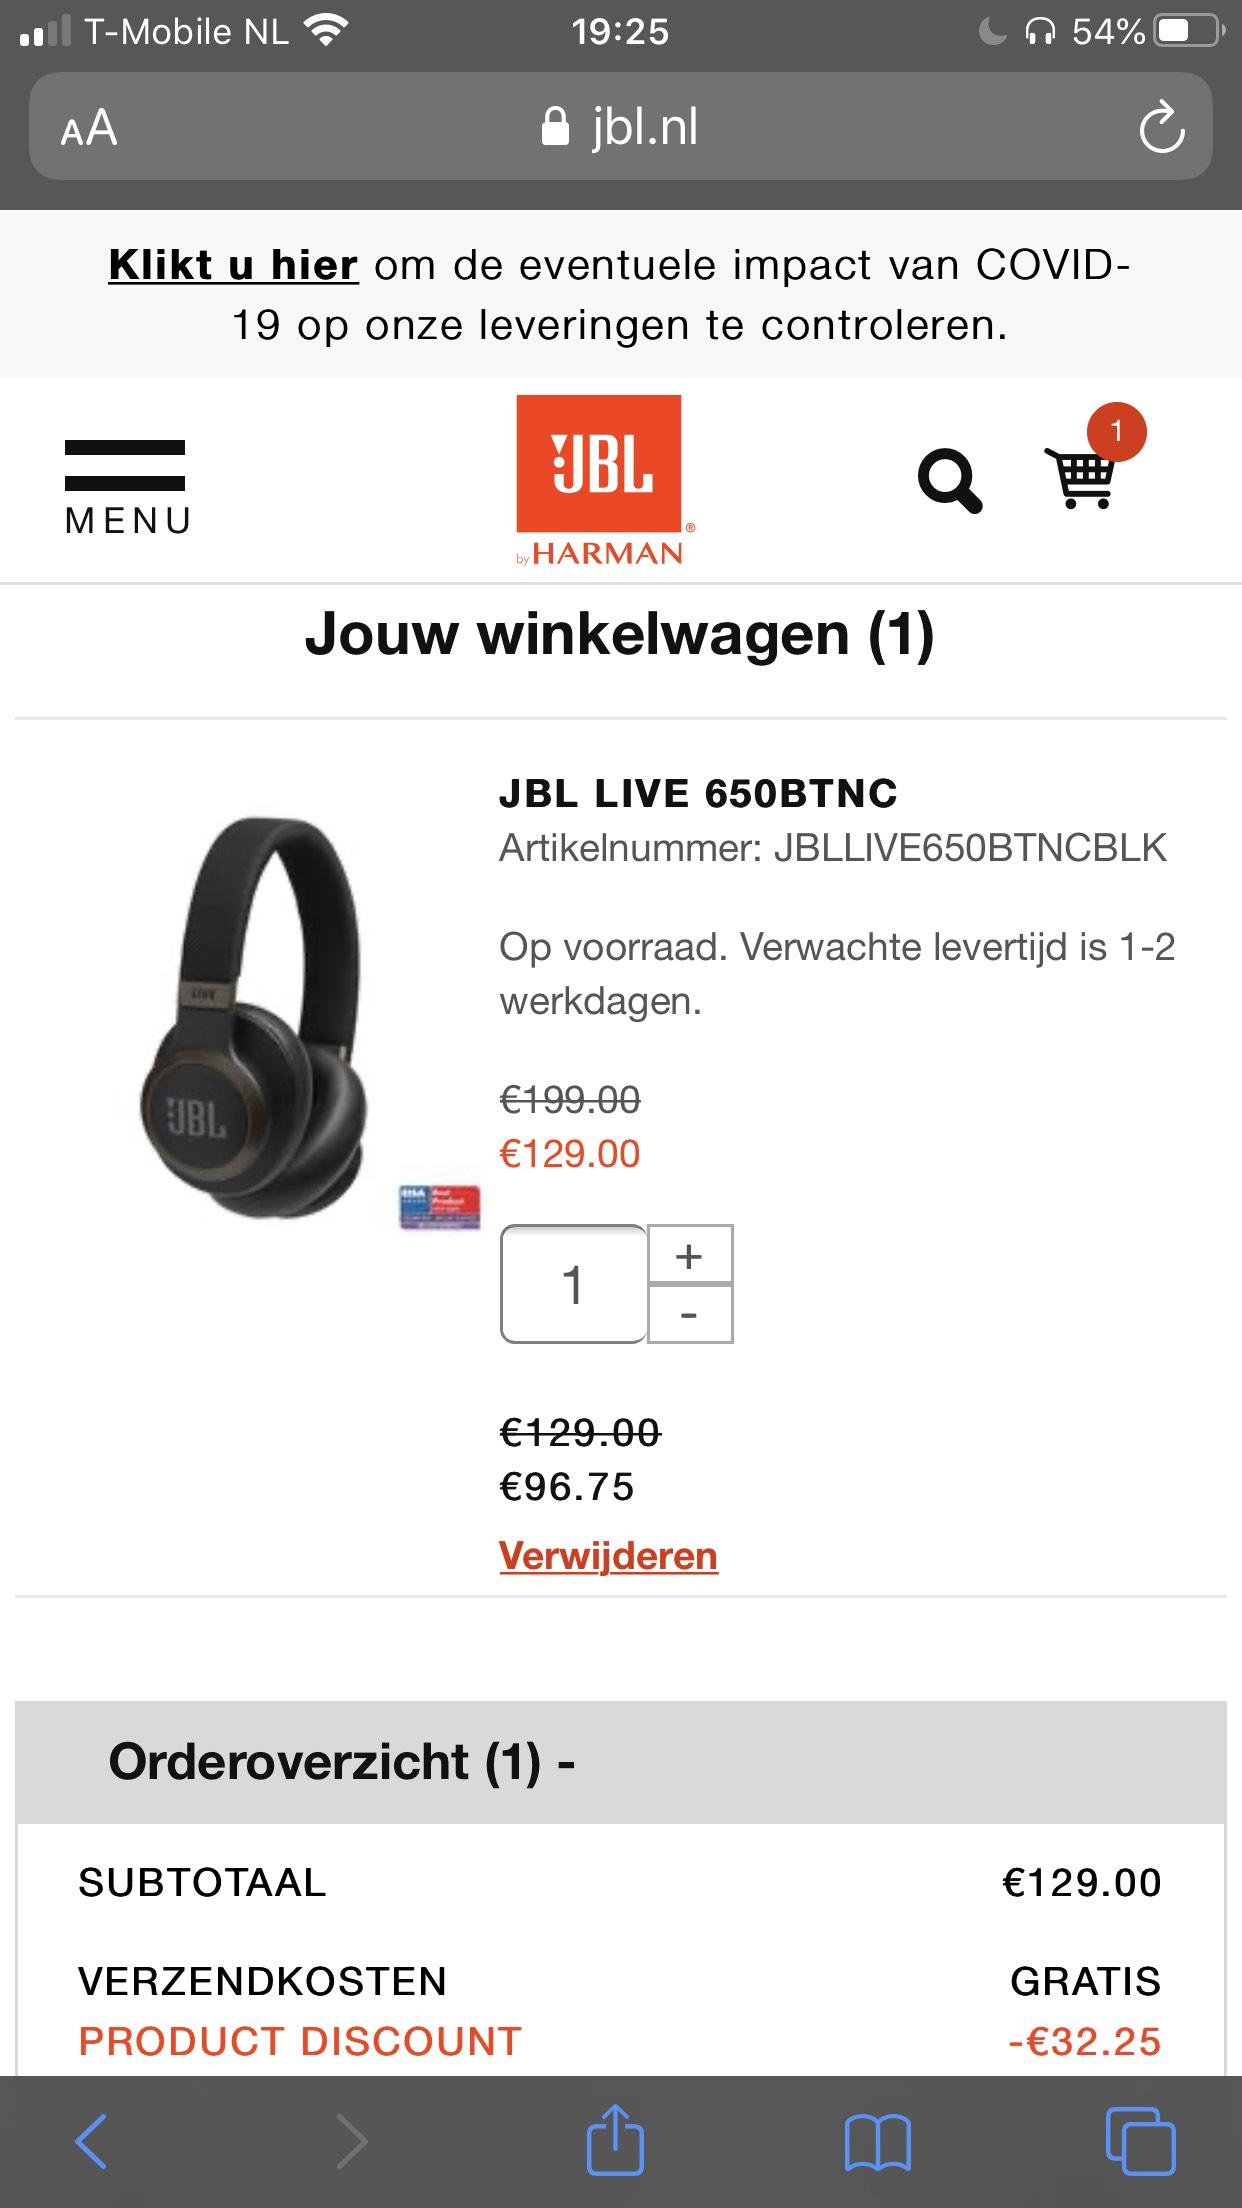 [ING WINKEL] JBL LIVE 650BTNC @JBL store i.c.m. ING coupon